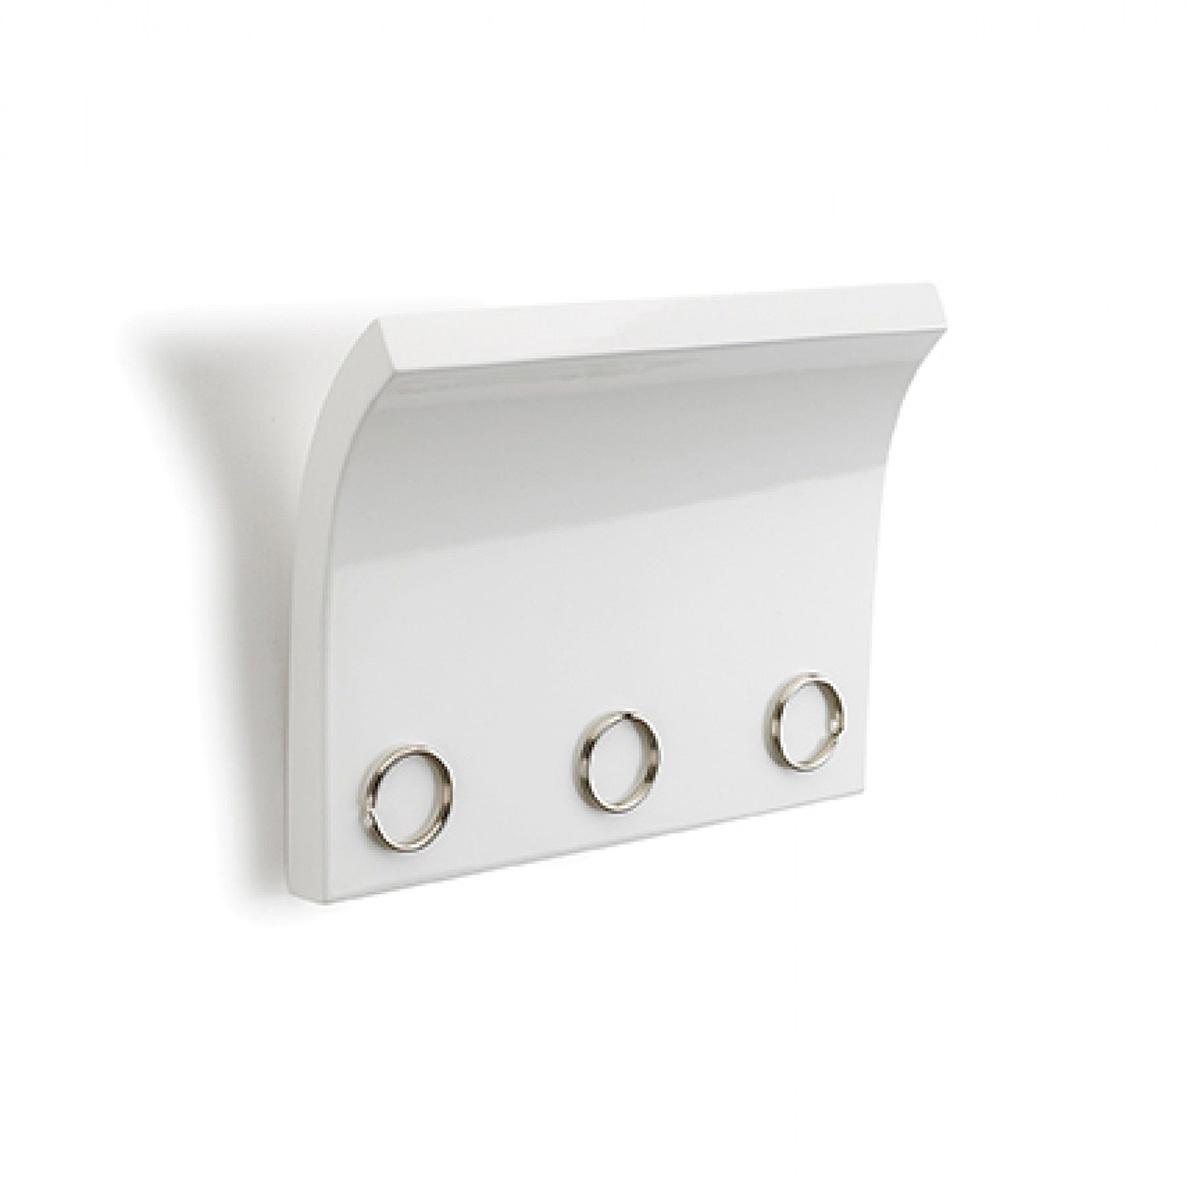 Zidni držač za ključeve 318200-660 beli